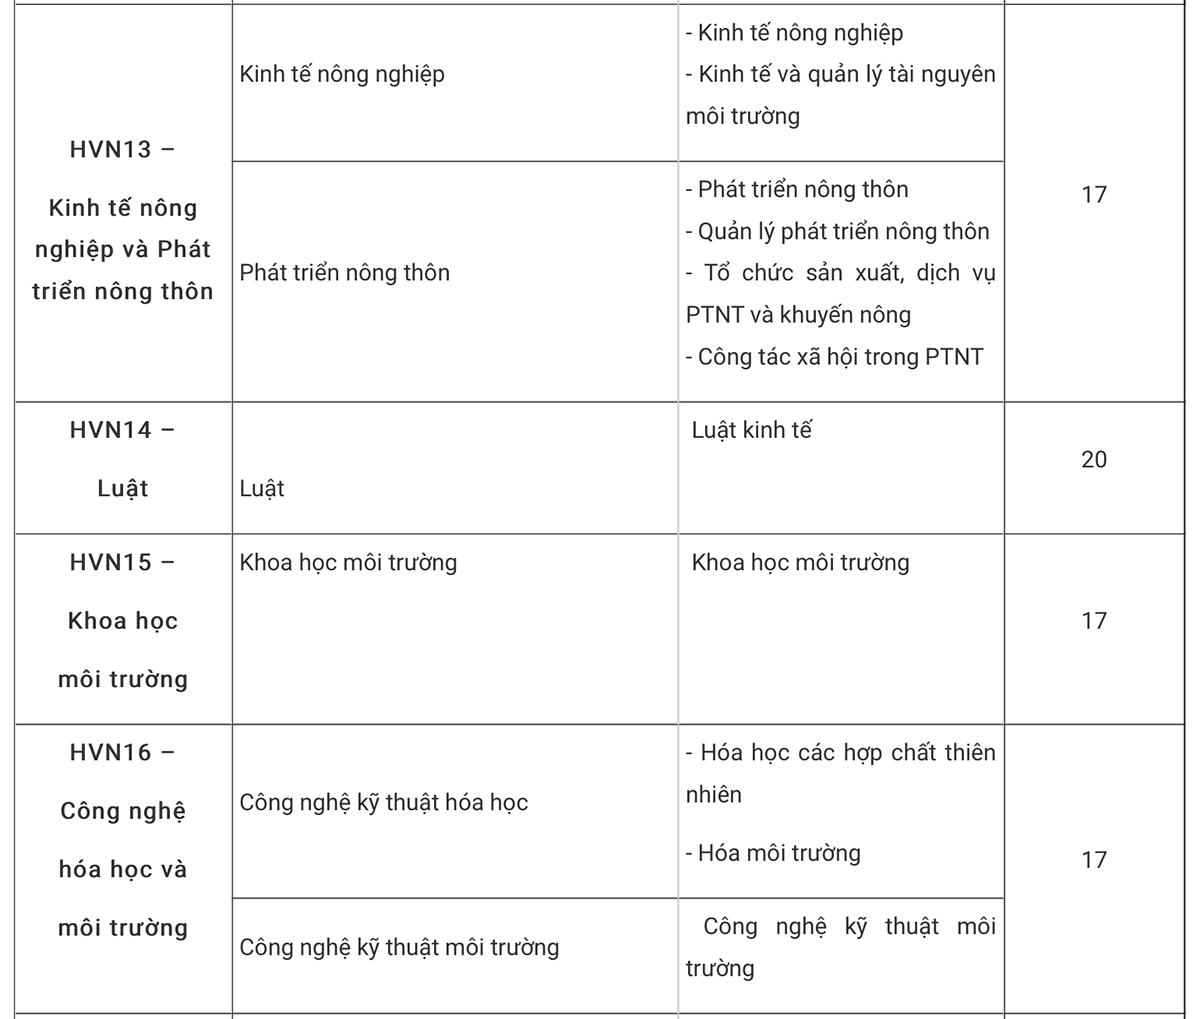 Học viện Nông nghiệp Việt Nam lấy điểm chuẩn từ 15 - 5